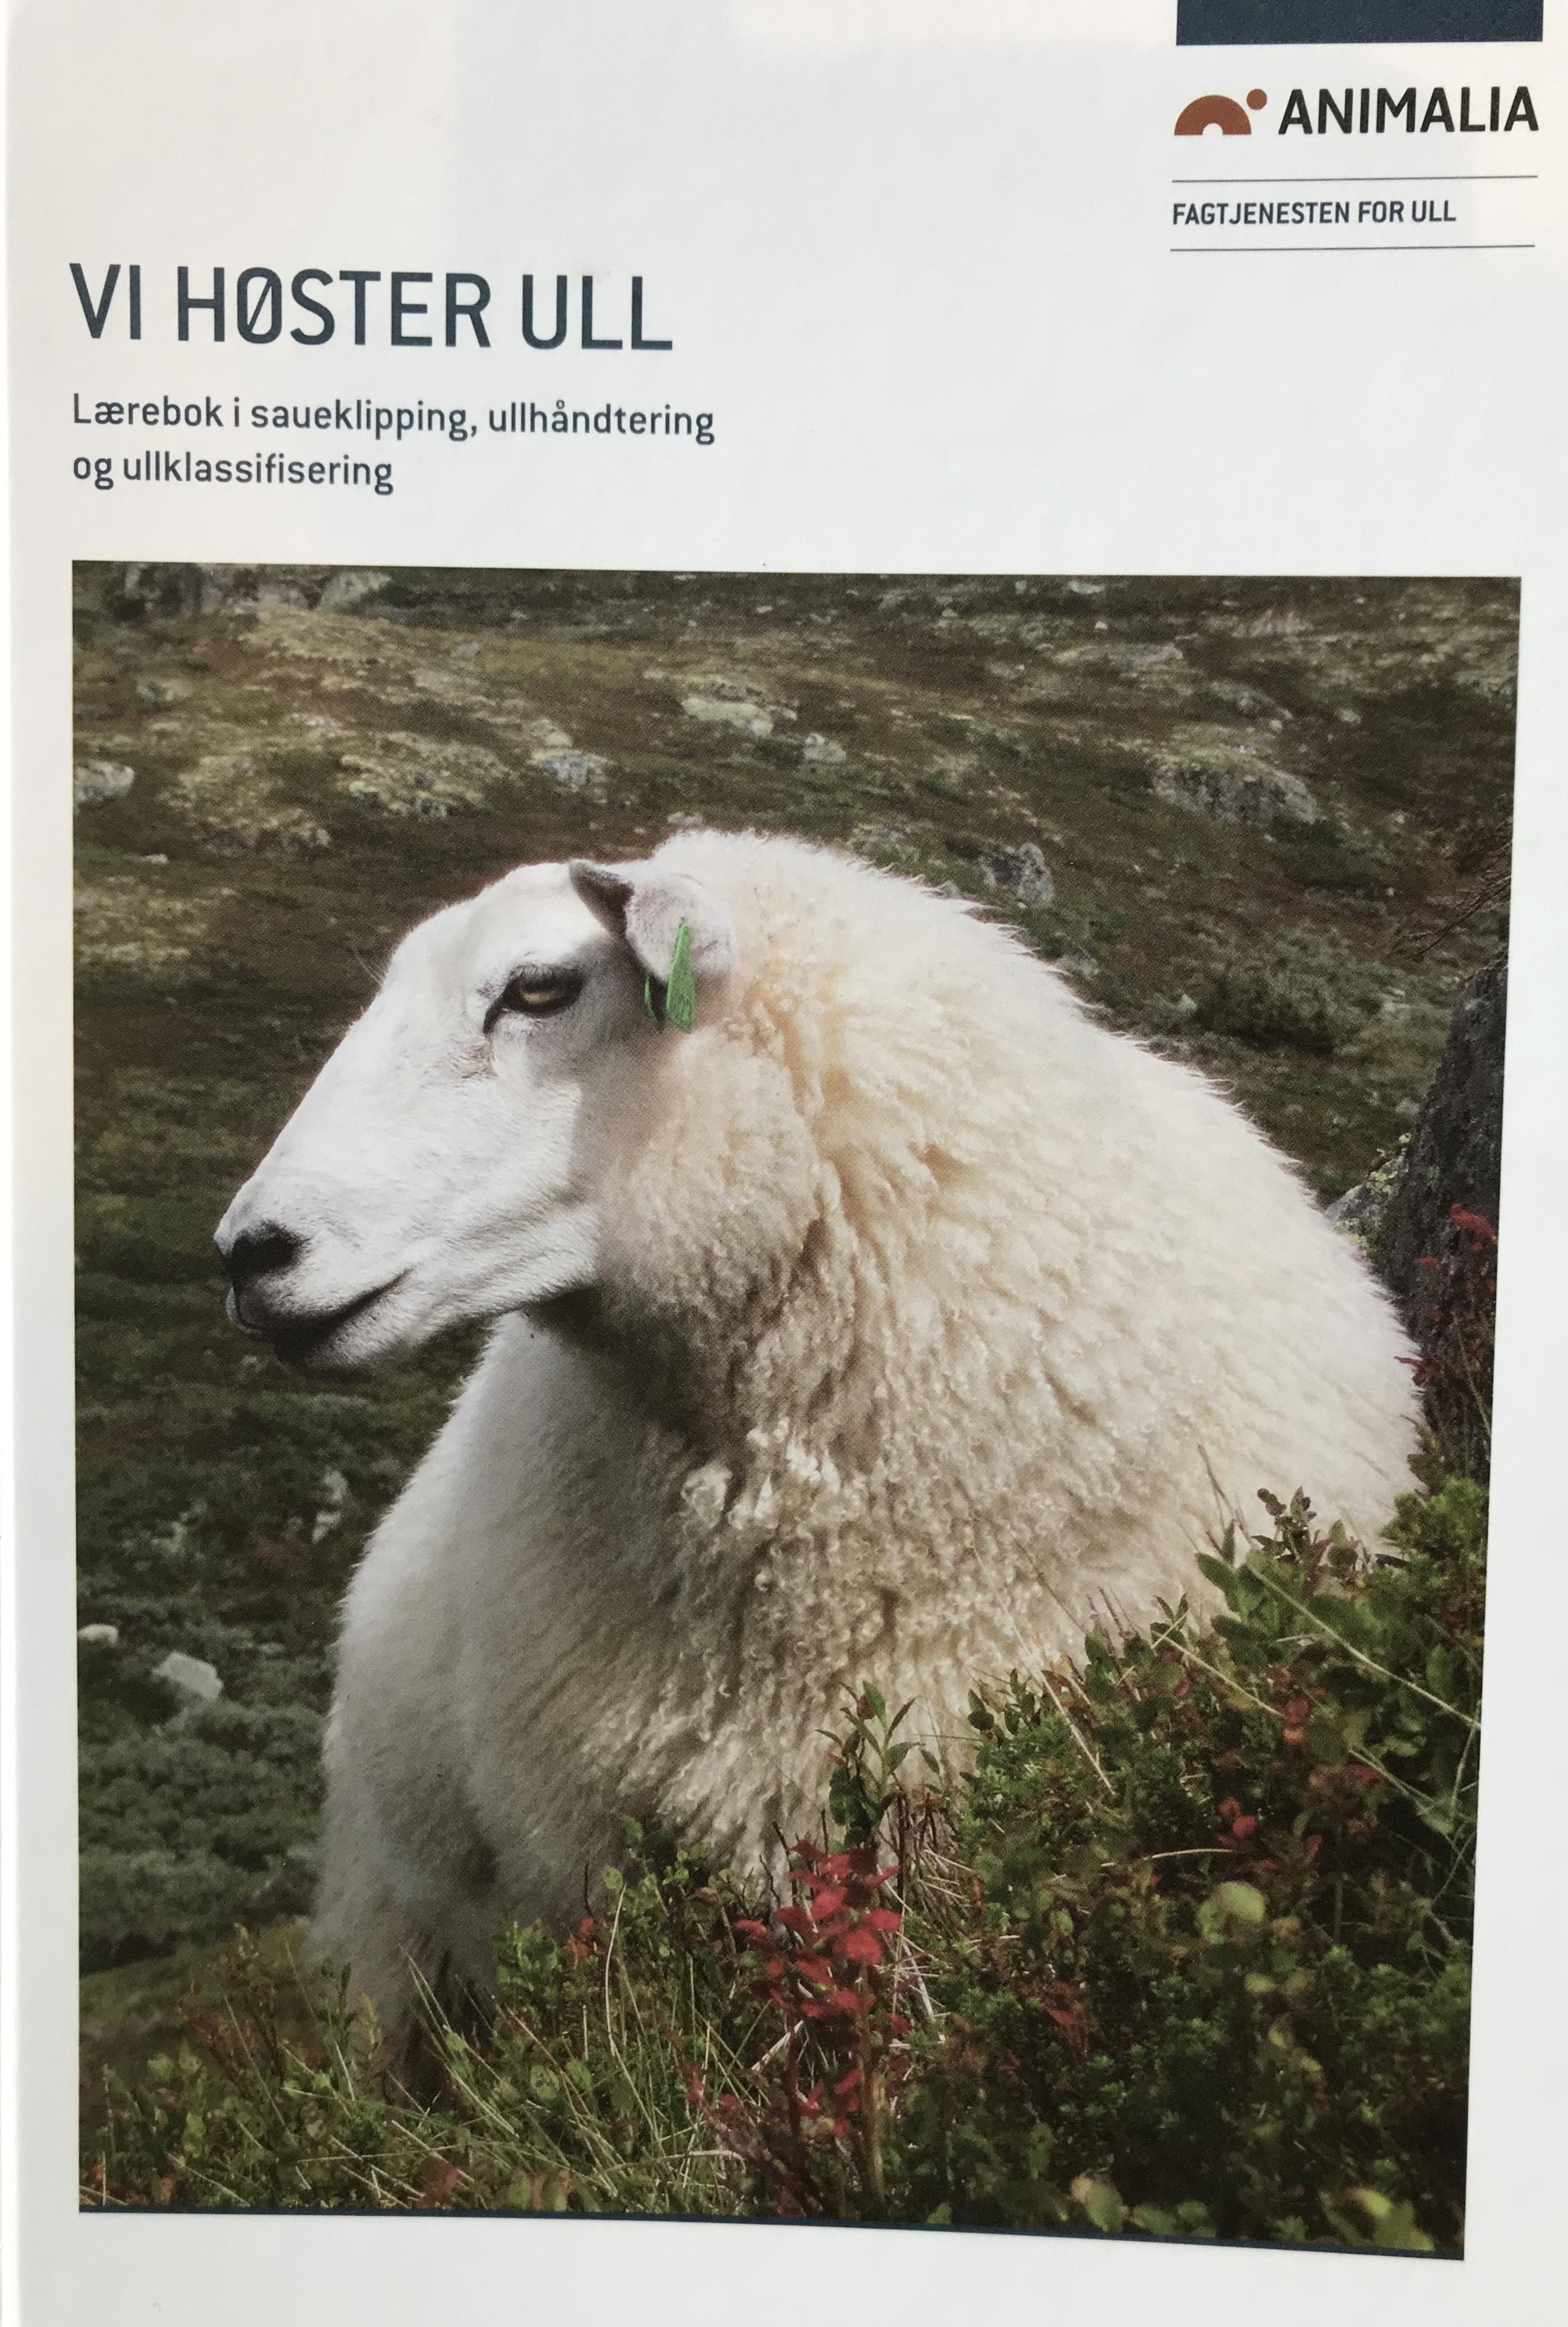 Vi høster ull